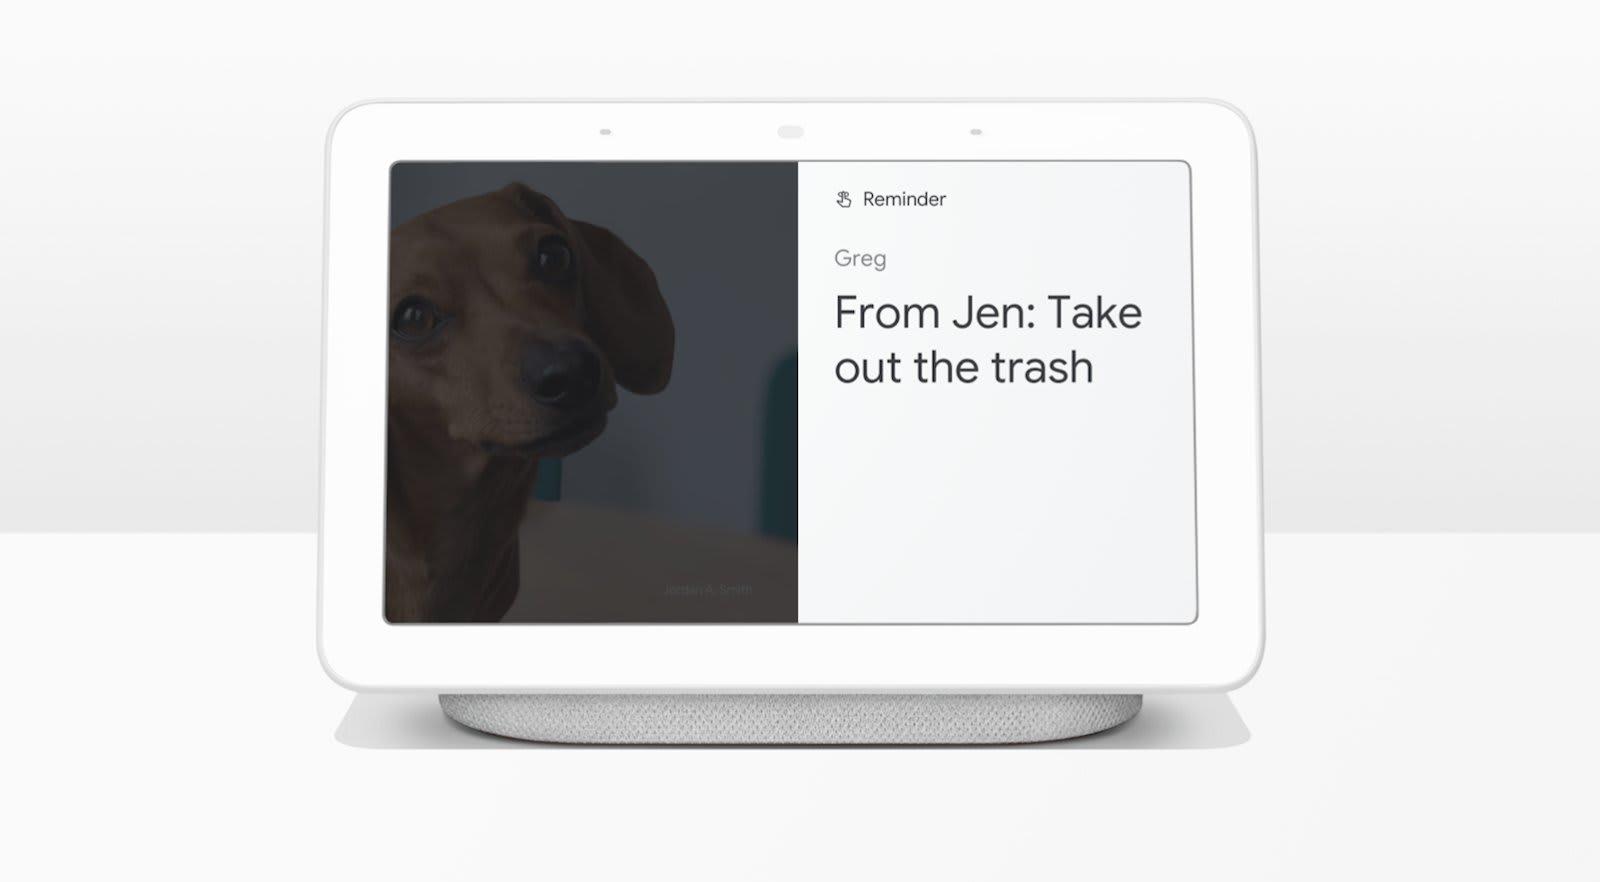 Google Assistant remainder